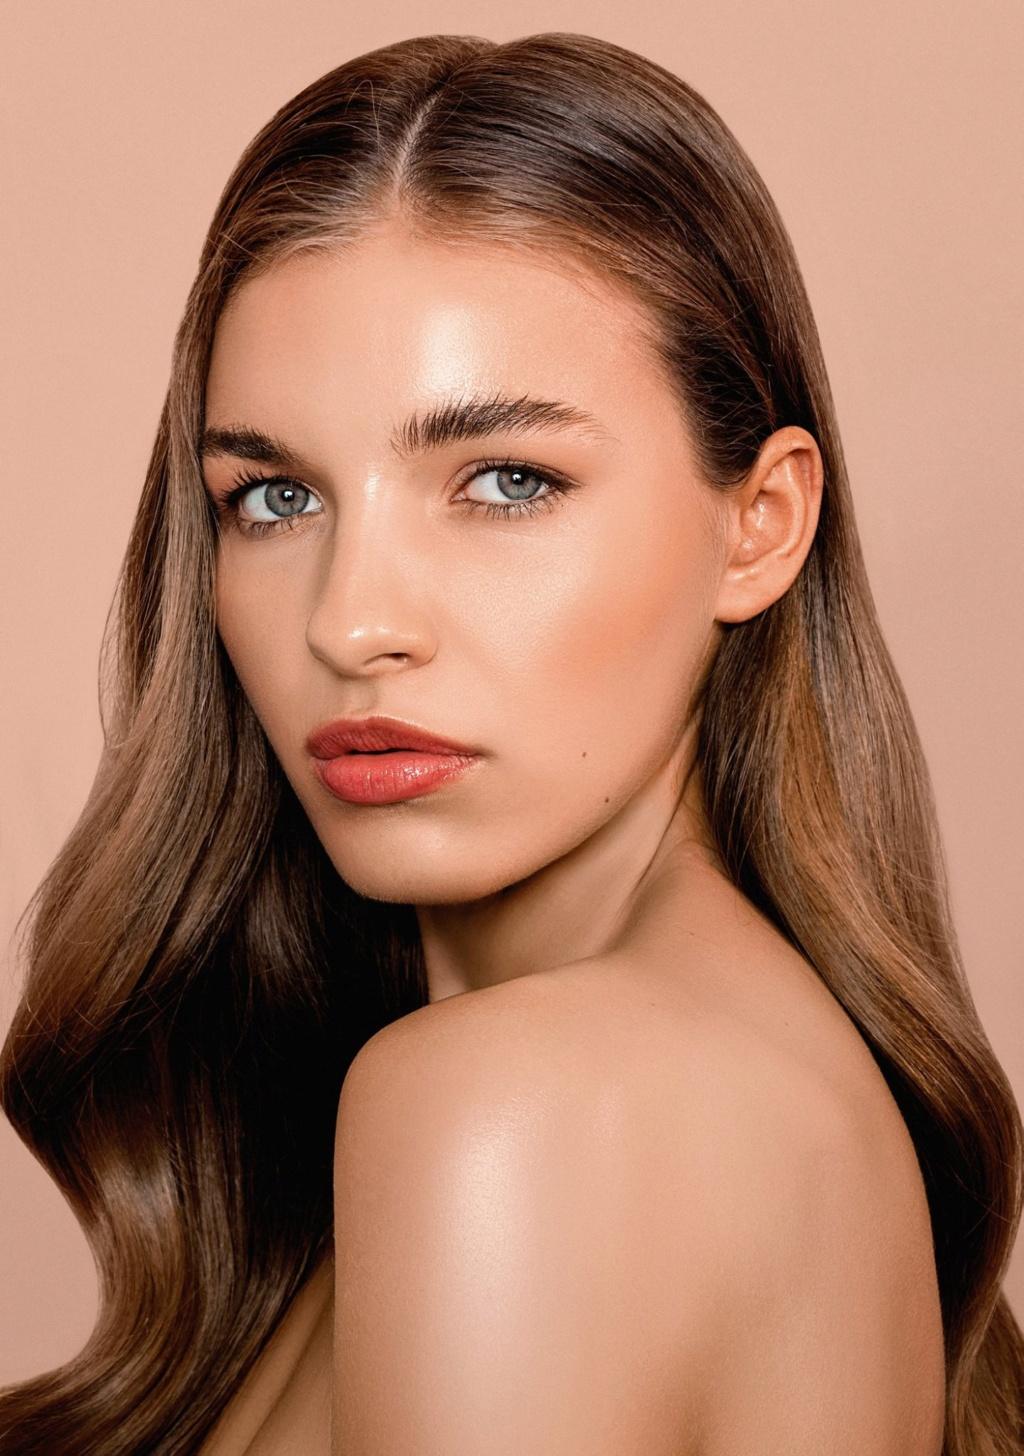 Miss Slovensko 2019 is Frederika Kurtulikova - Page 2 51733810